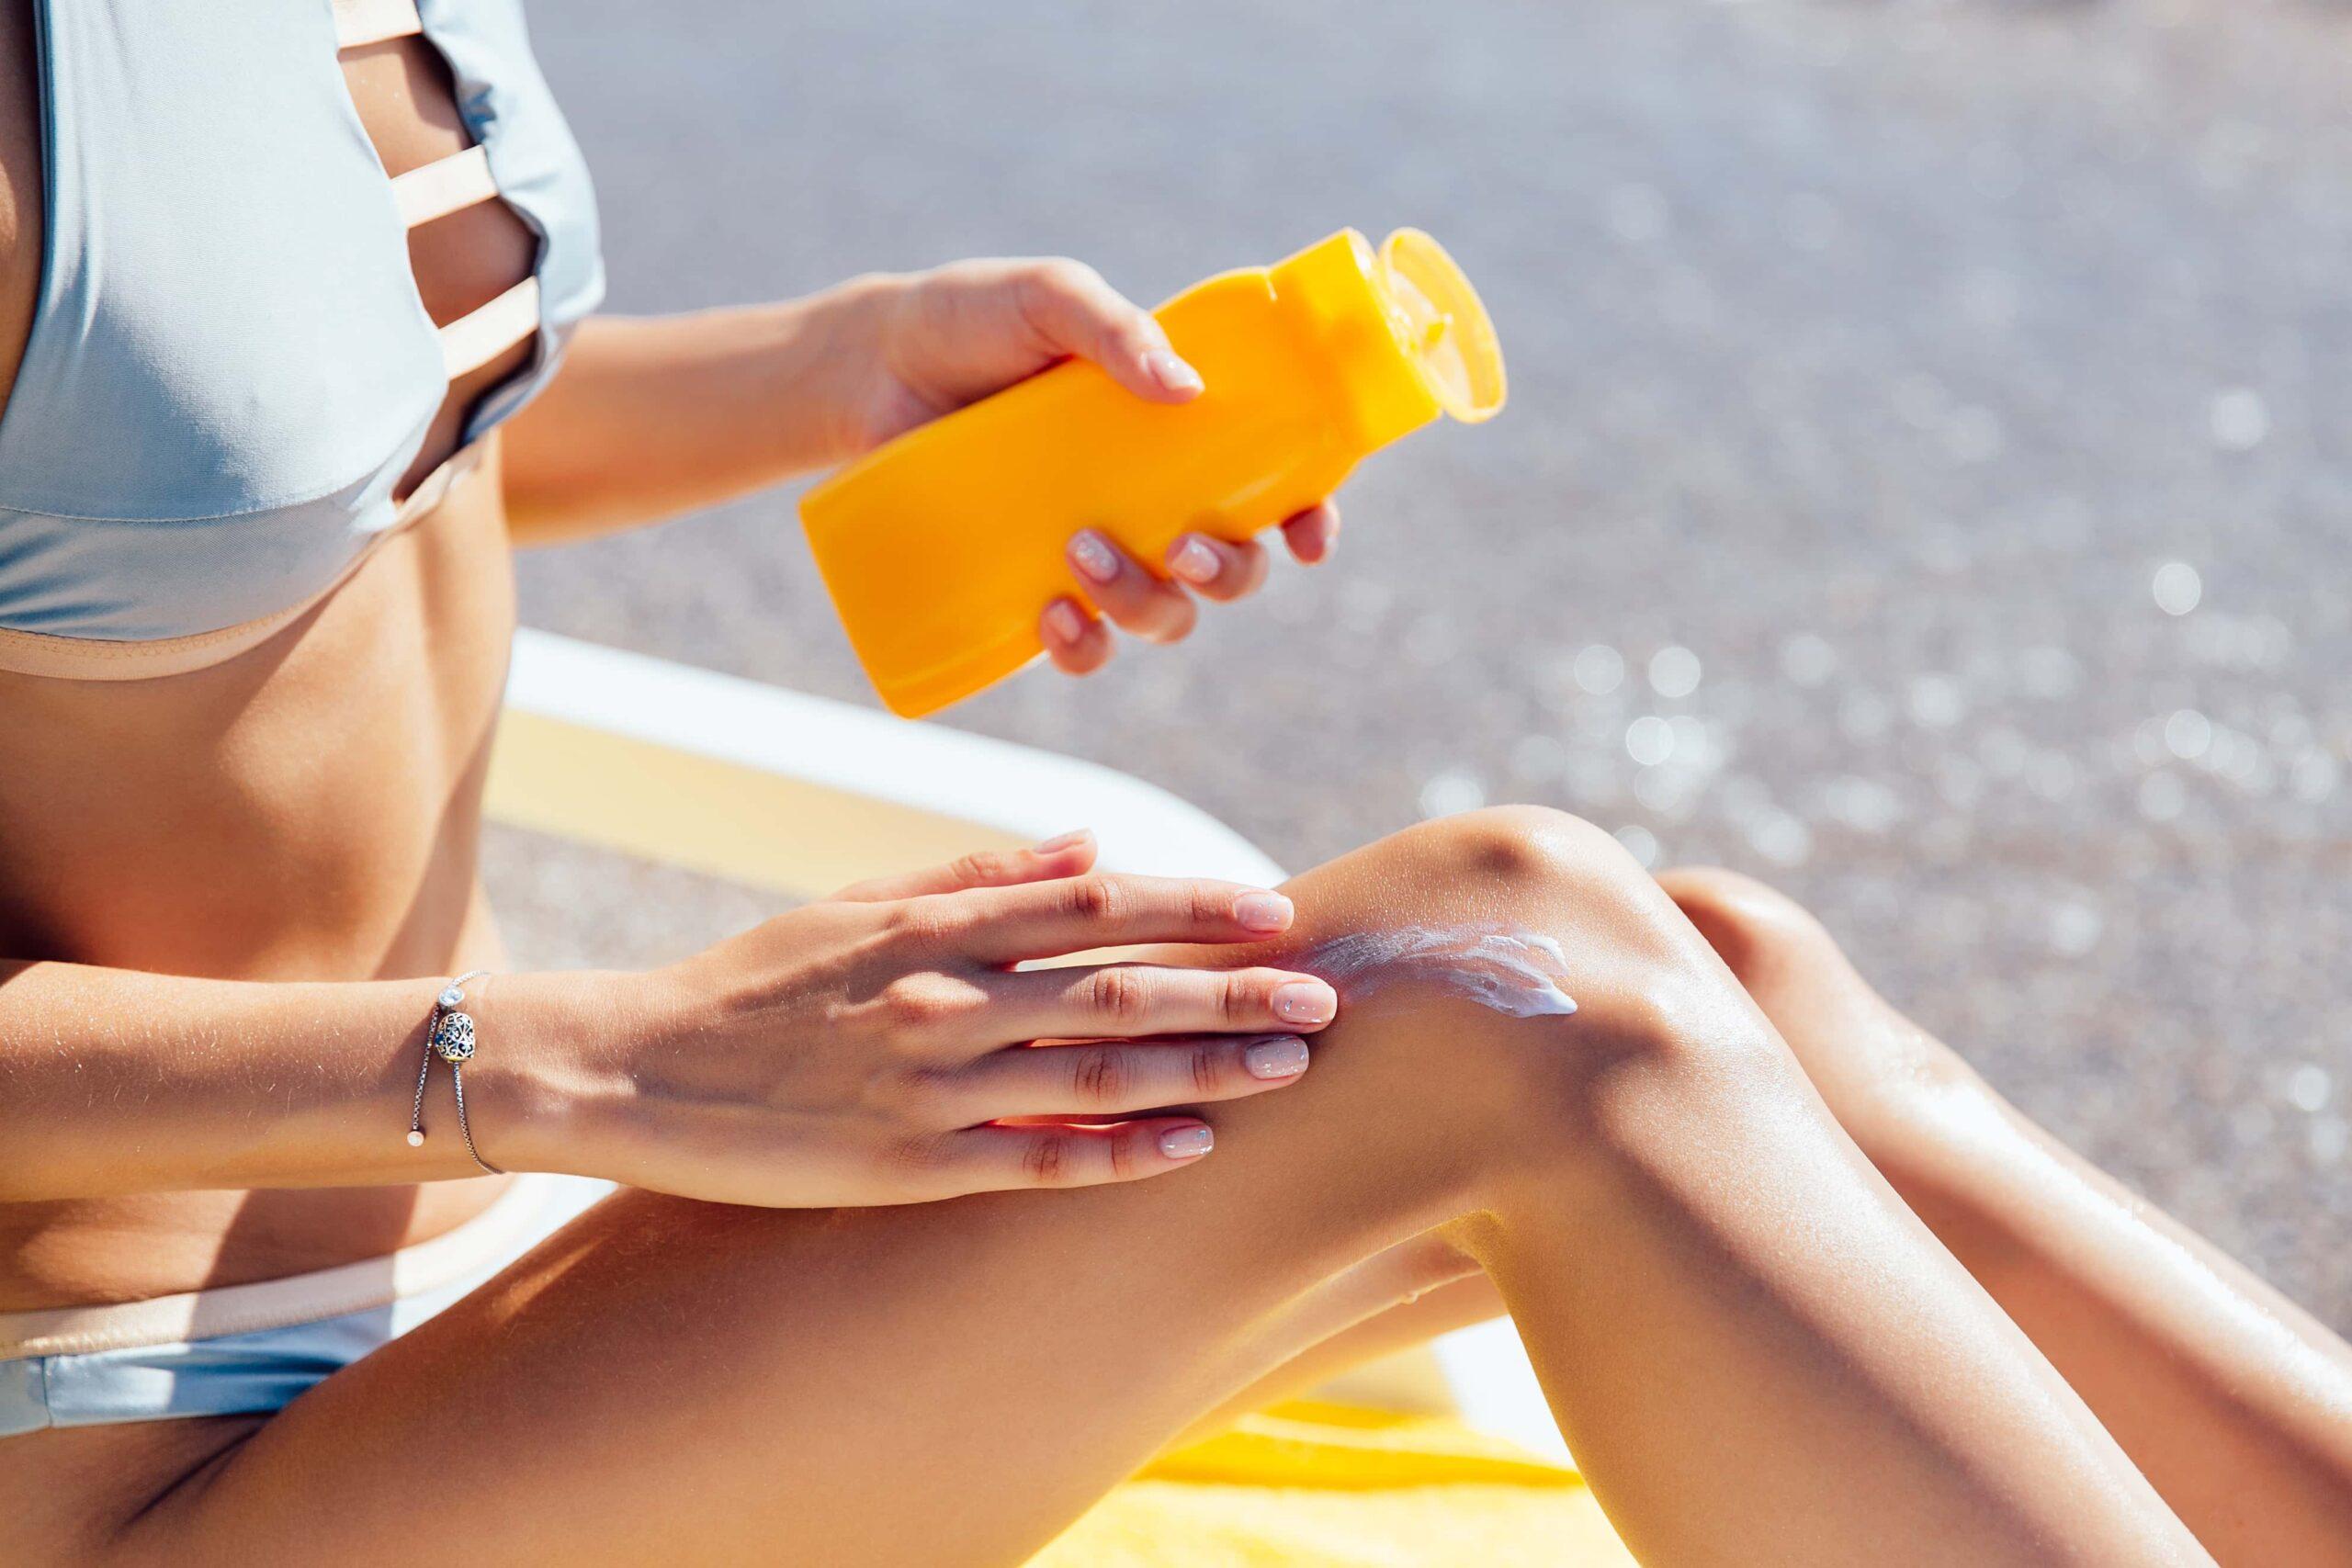 mejoria-dolores-corporales-durante-verano-1-1